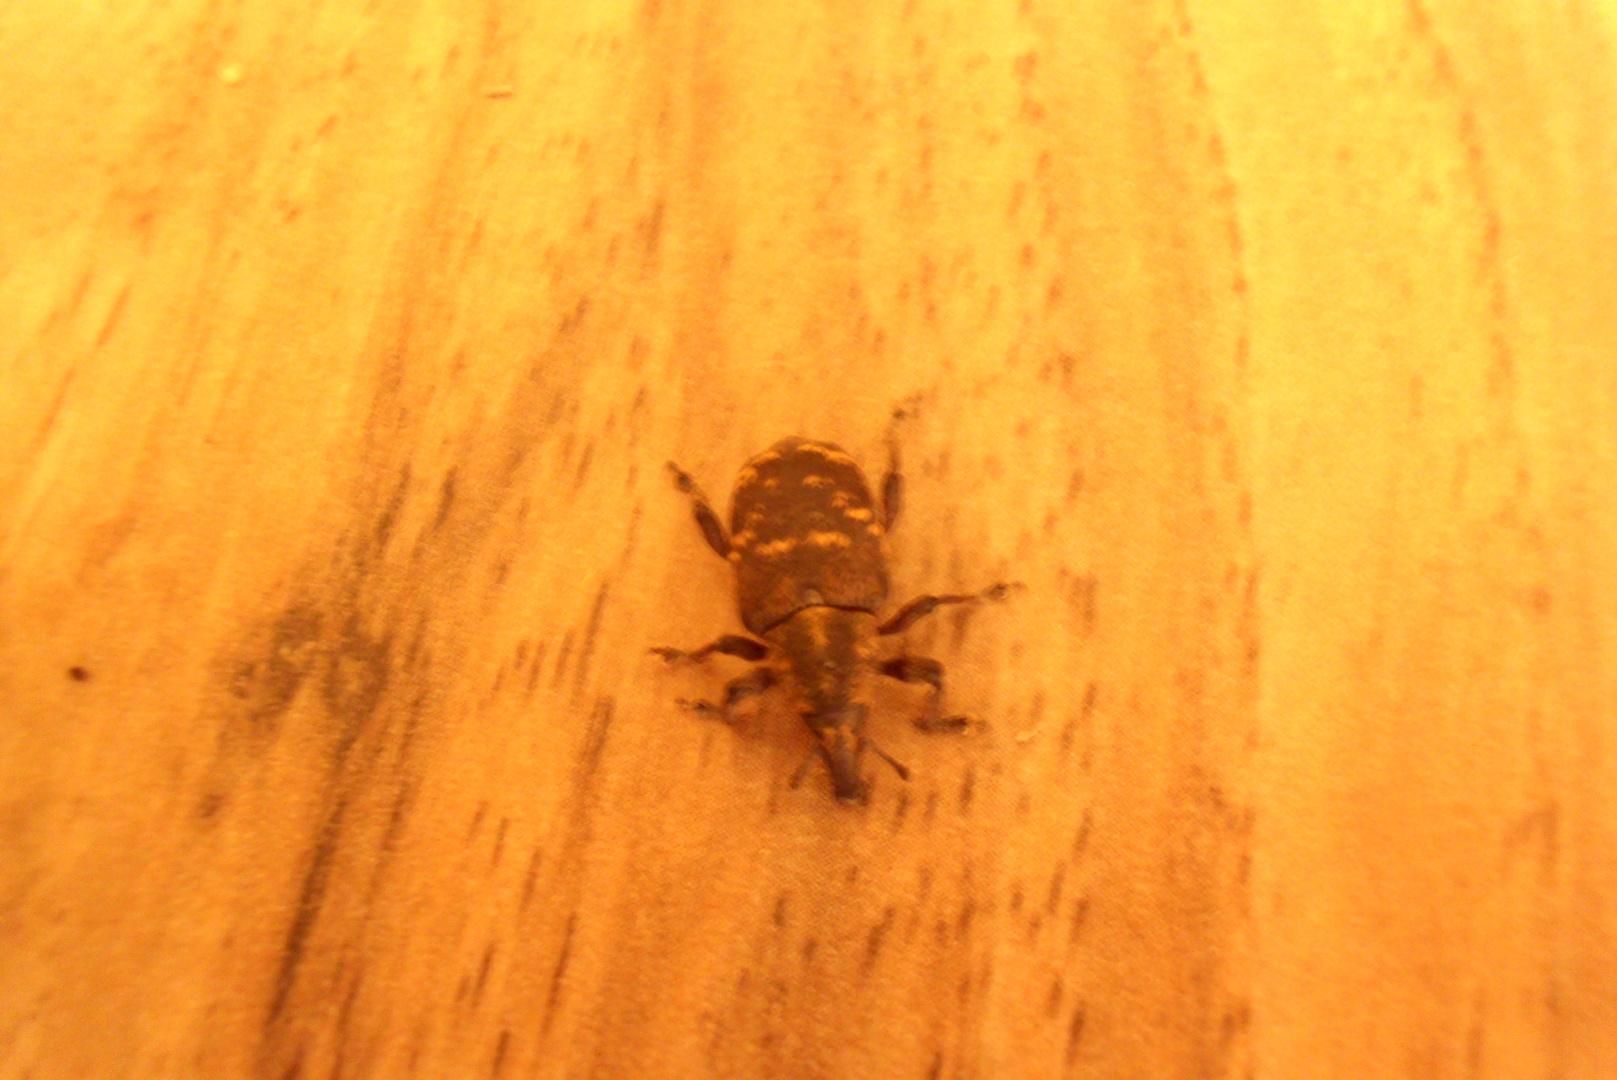 Ein Käfer